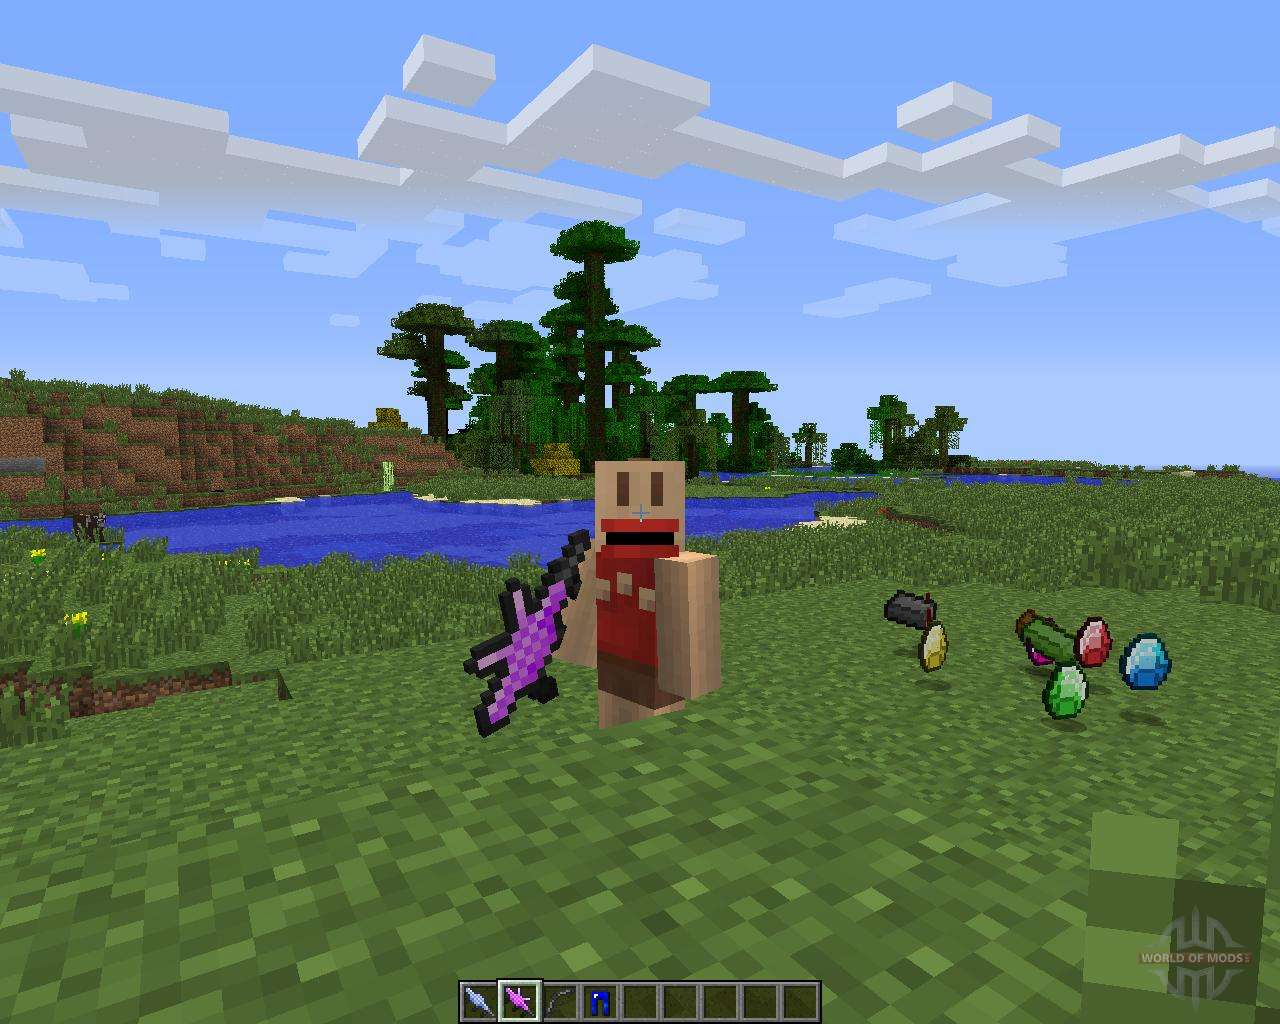 Скачать бесплатно Divine RPG мод для Minecraft 1.6.4/1.6.2 ...